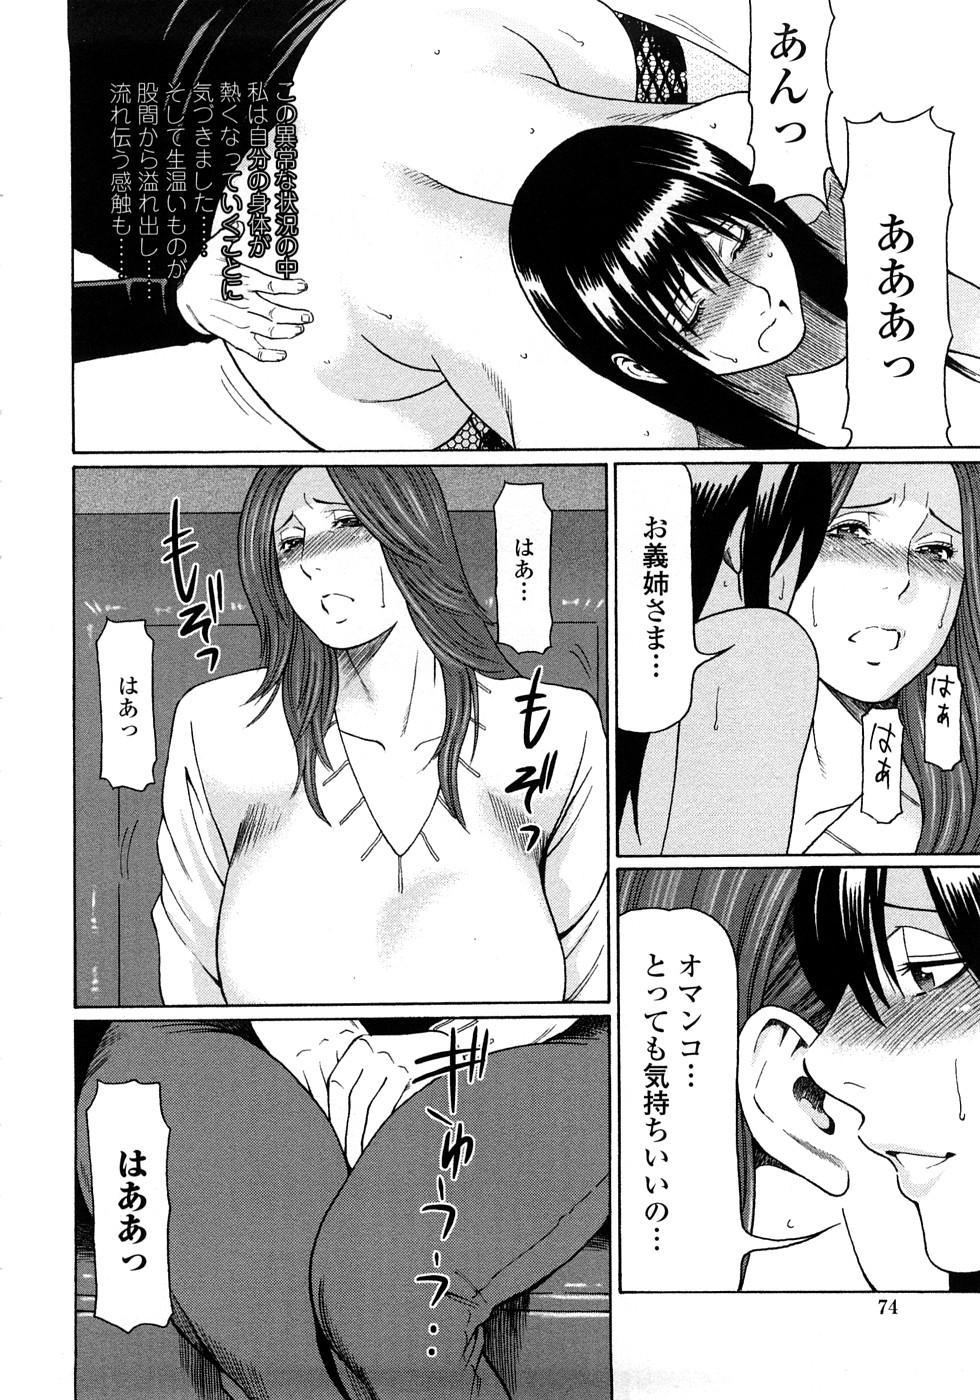 Etsuraku no Tobira - The Door of Sexual Pleasure 72